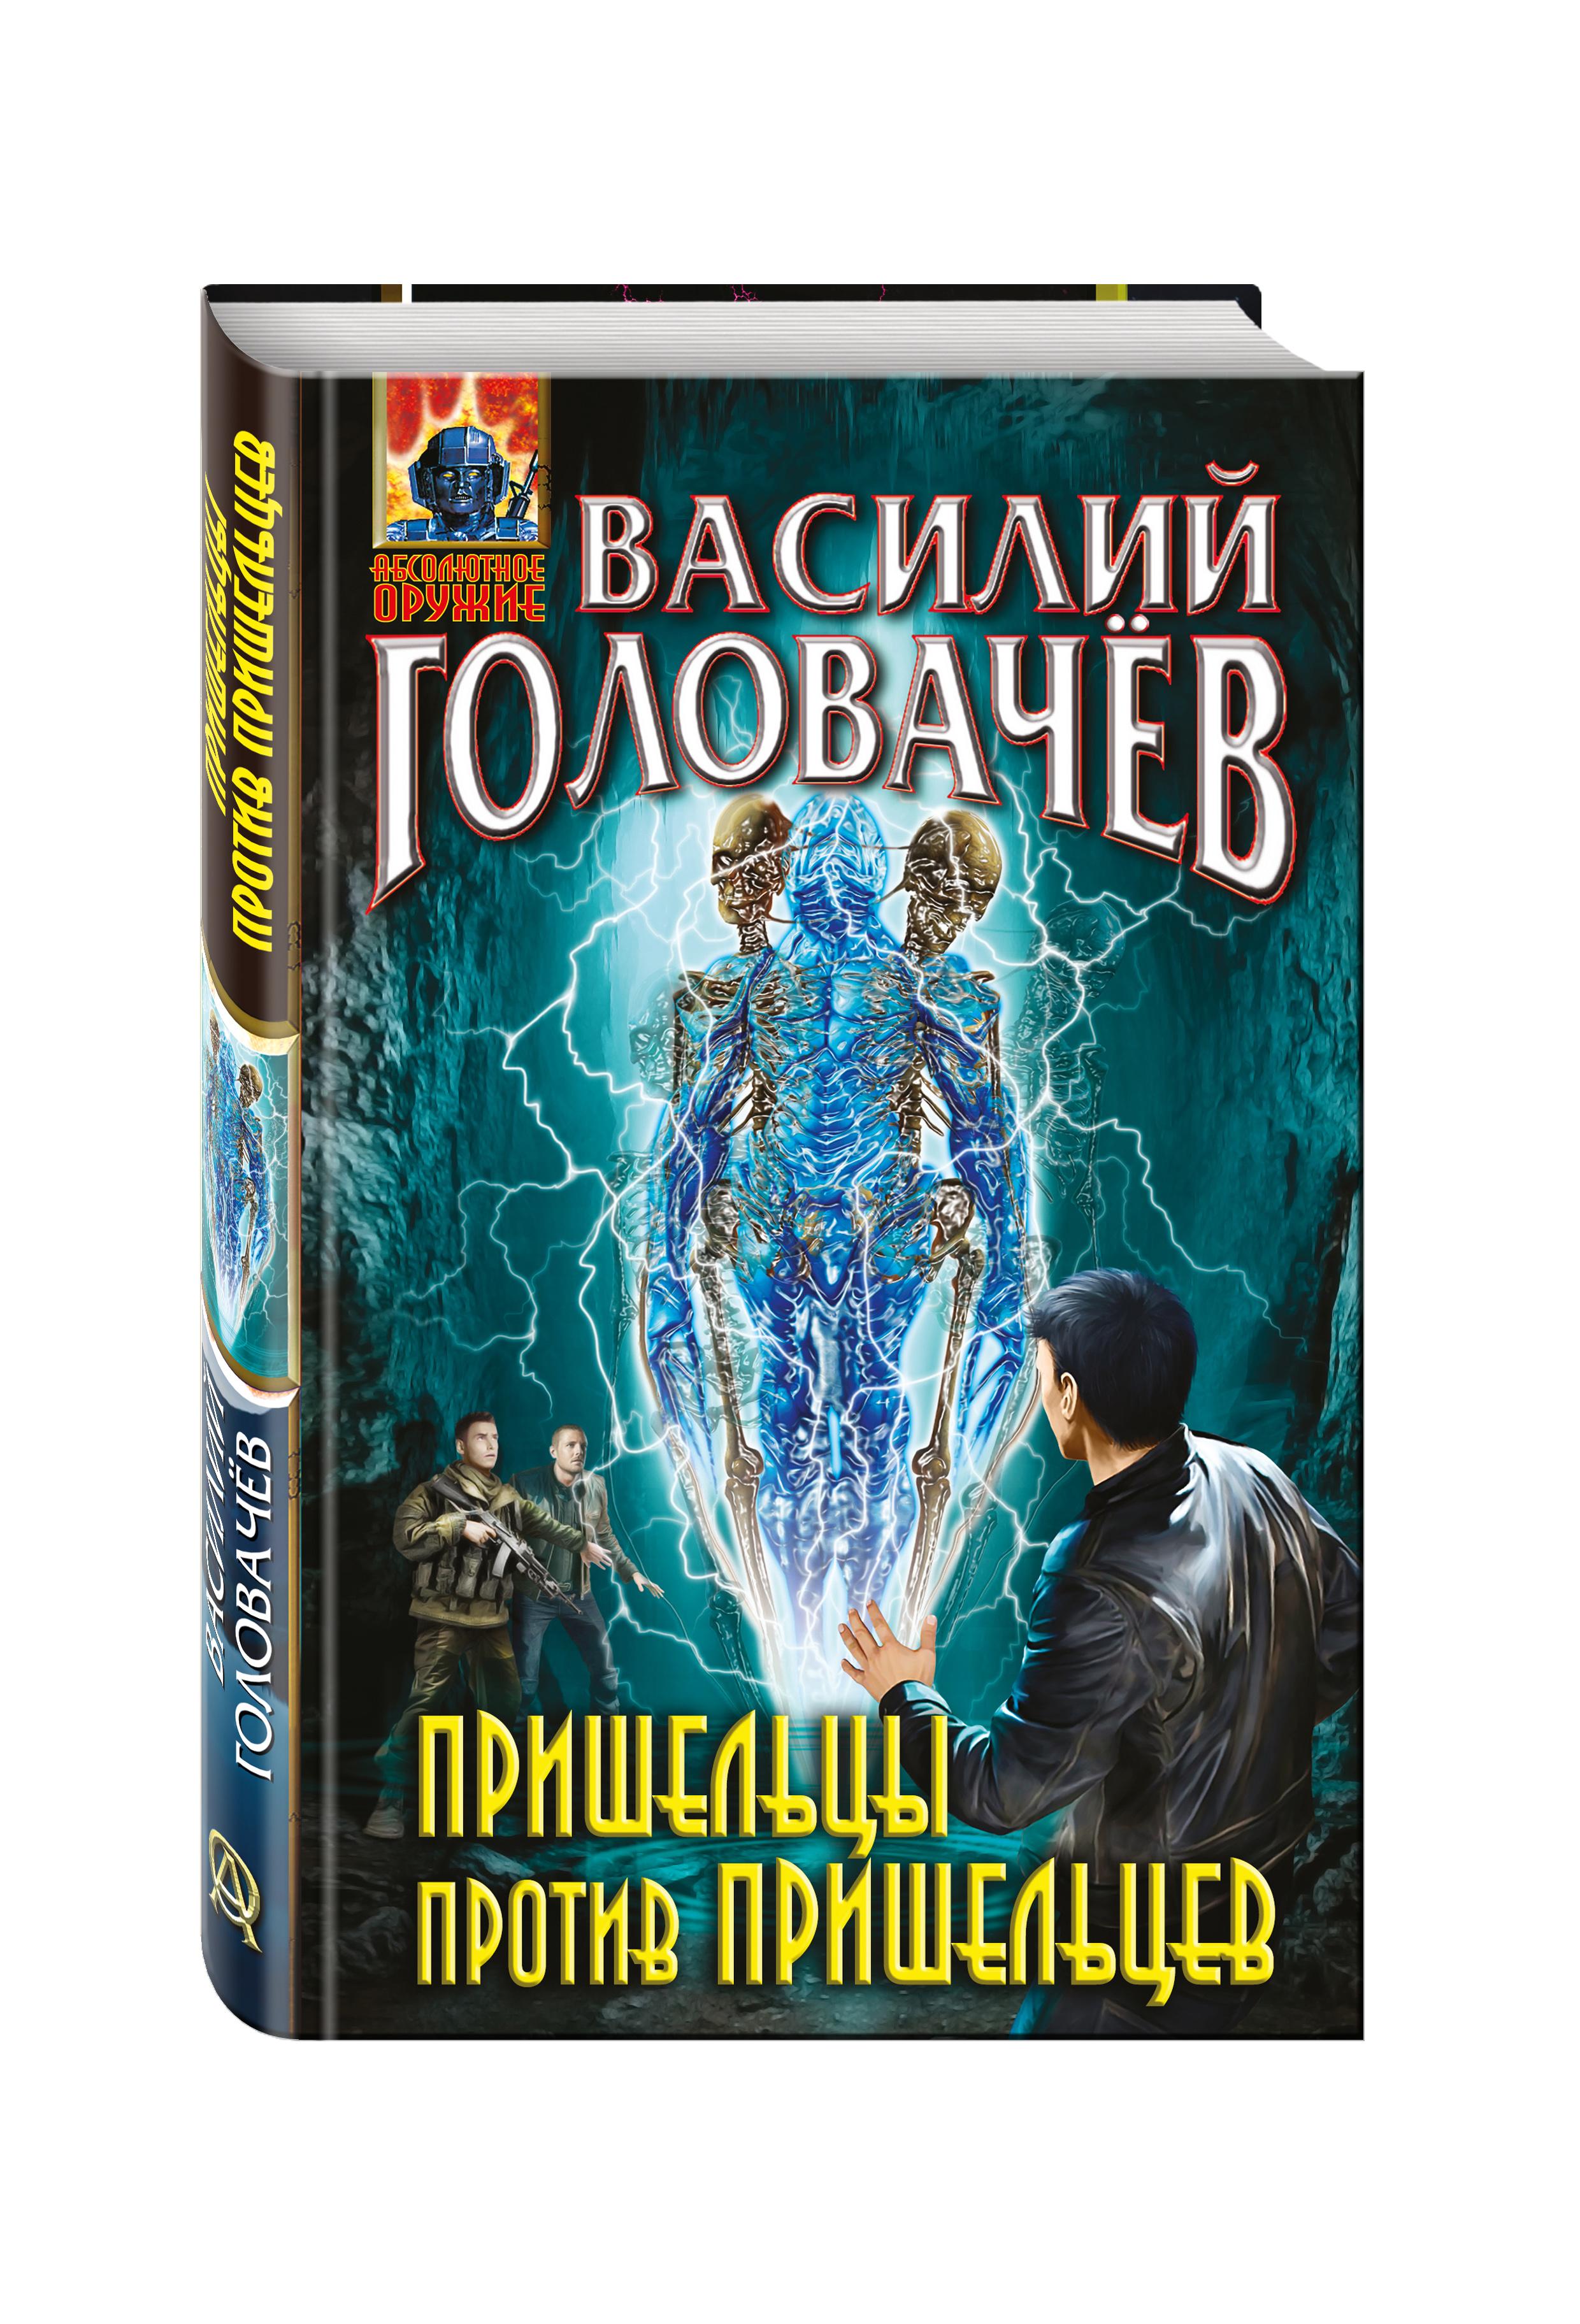 Василий Головачёв Пришельцы против пришельцев